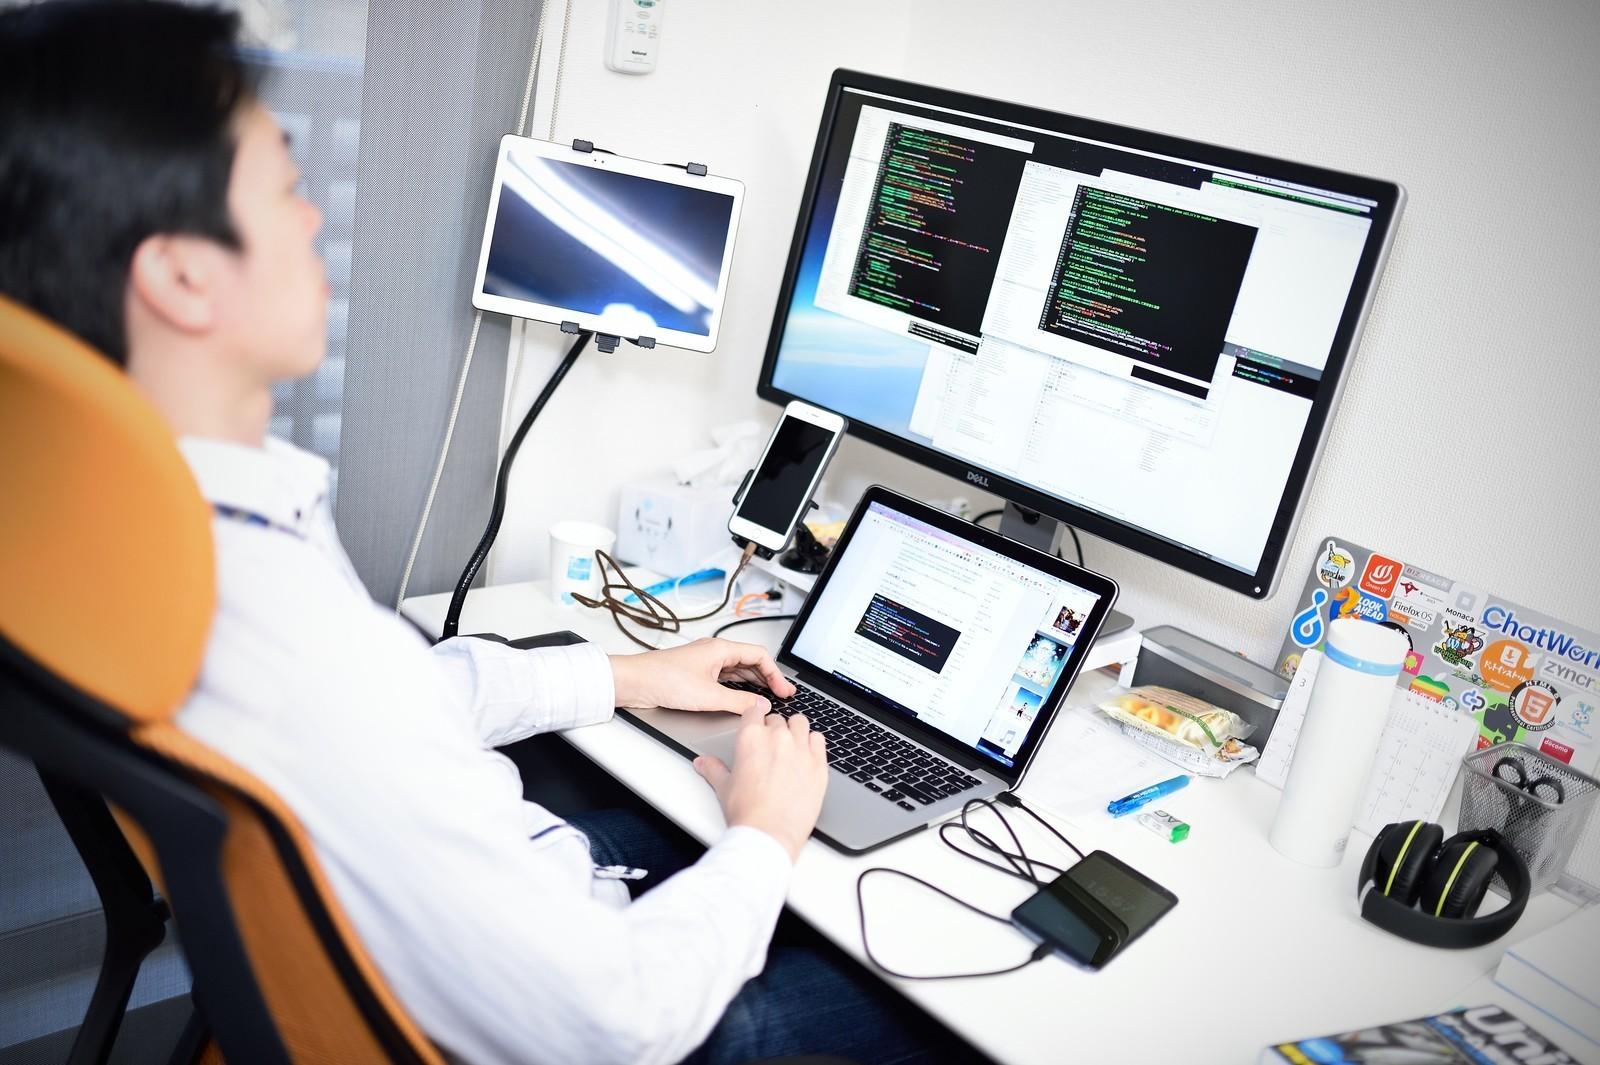 自社サービスが1年弱で200万DL達成、社員2名で世界進出に挑戦中のマスカチが Unity開発に長けたエンジニアを募集!